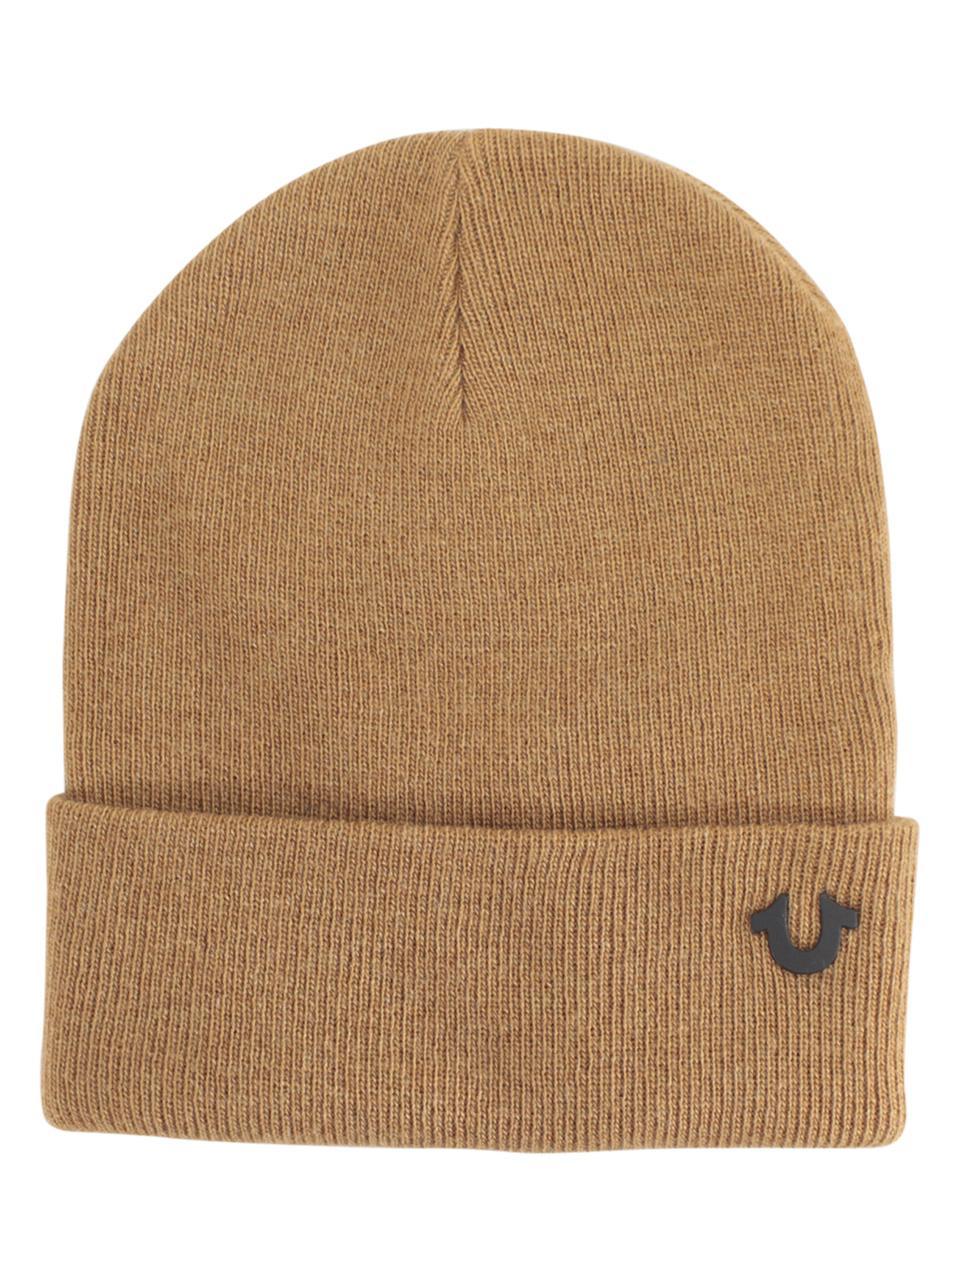 138b94e3cb4 True Religion Men s Indigo Dyed Cotton Watch Cap Beanie Hat